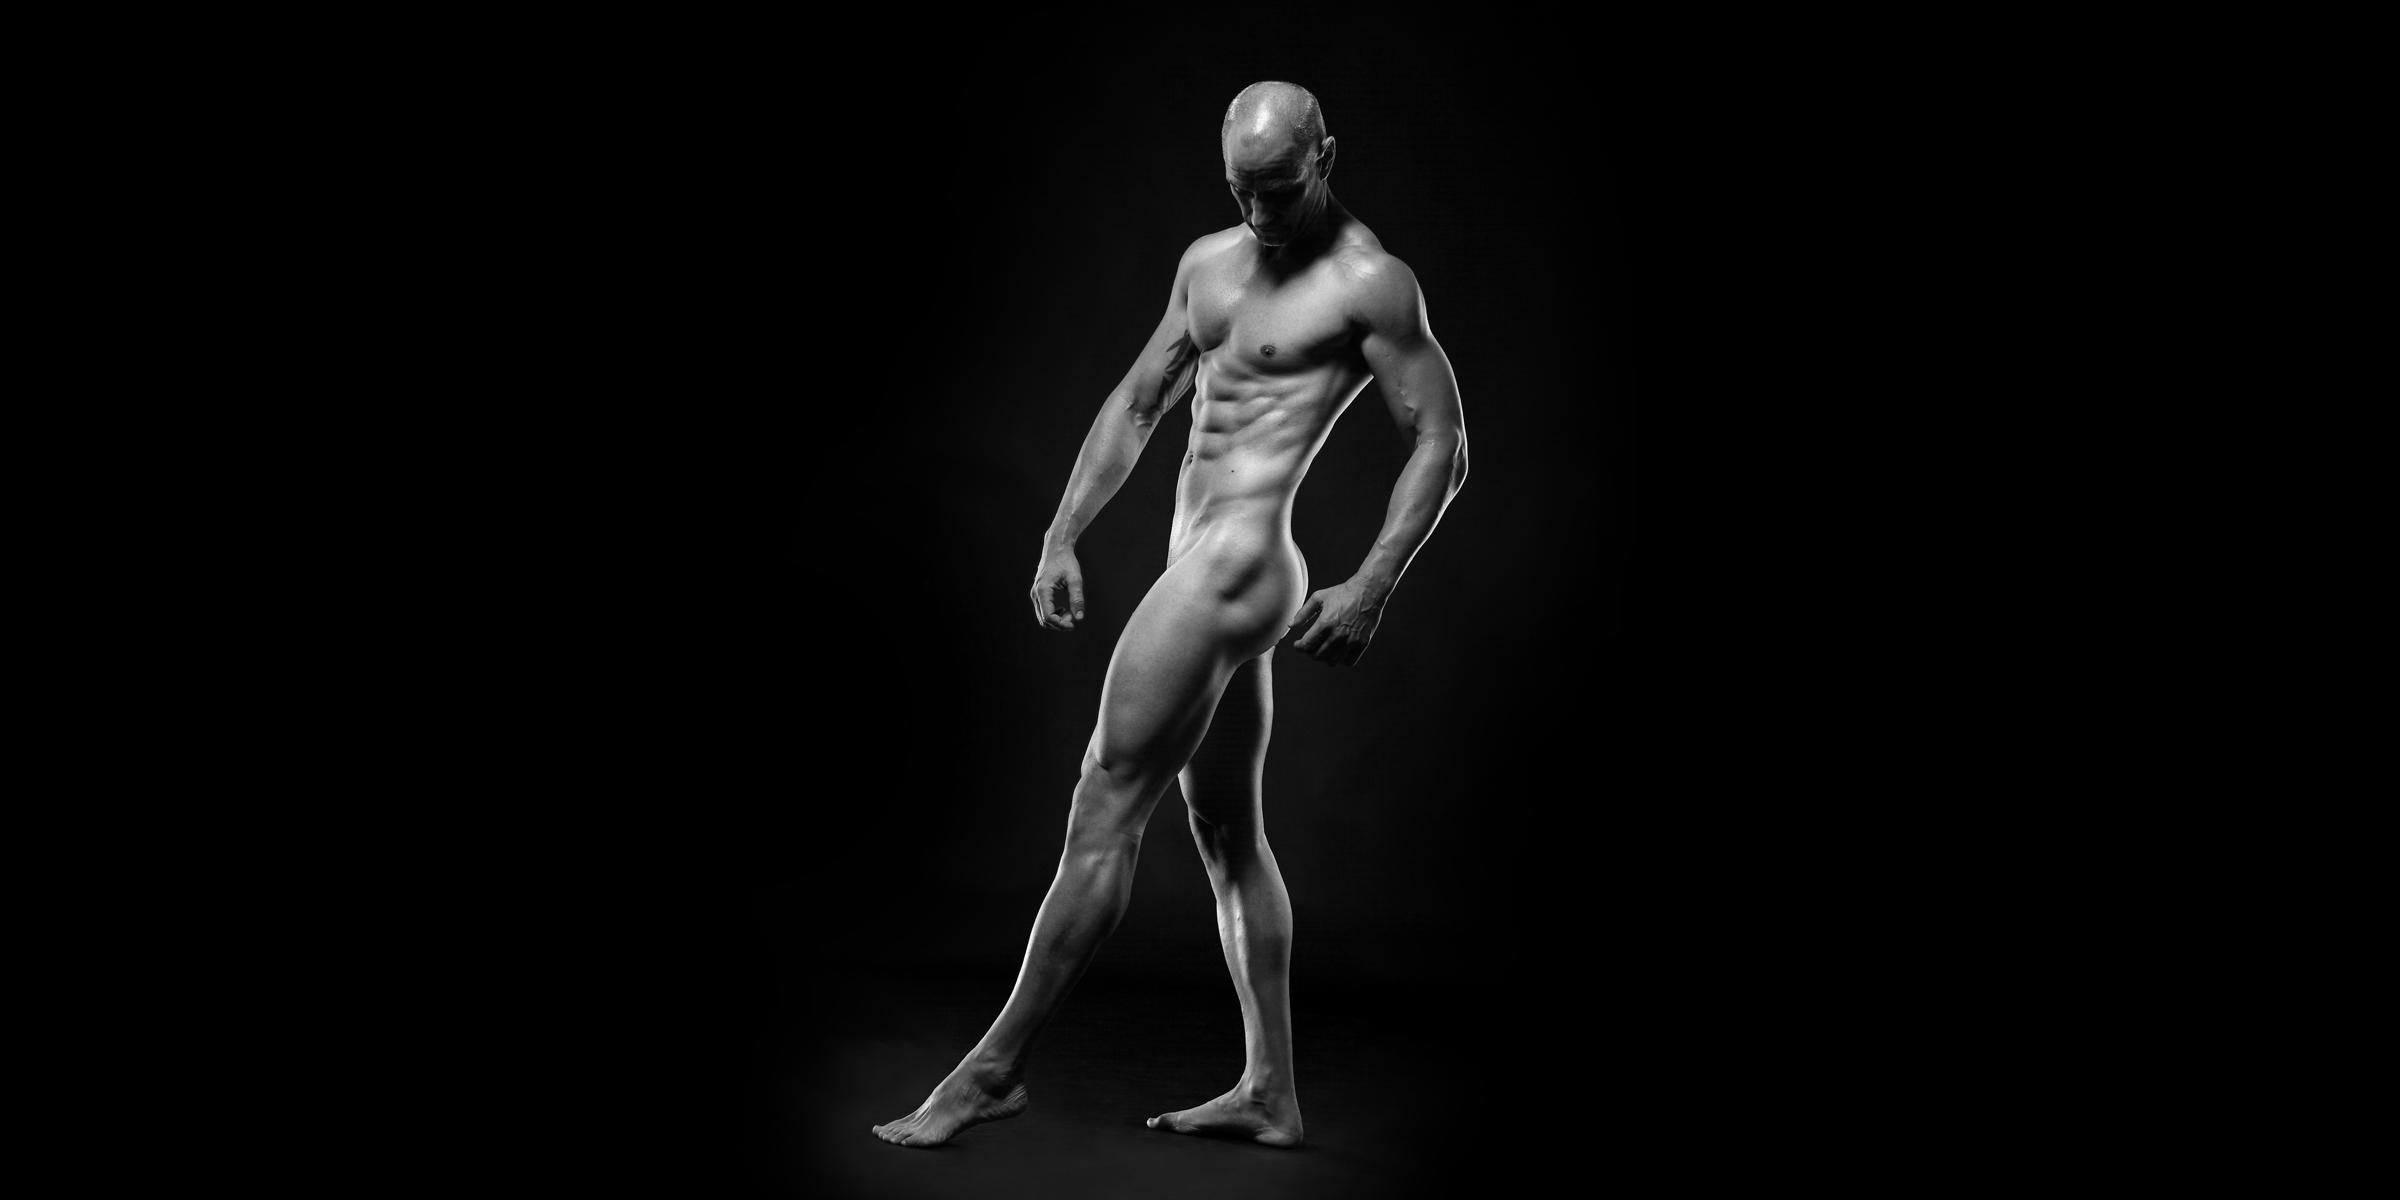 Seitenansicht eines muskulösen, sportlichen Mannes mit versetzter Beinstellung und gesenktem Blick in schwarz-weiß.